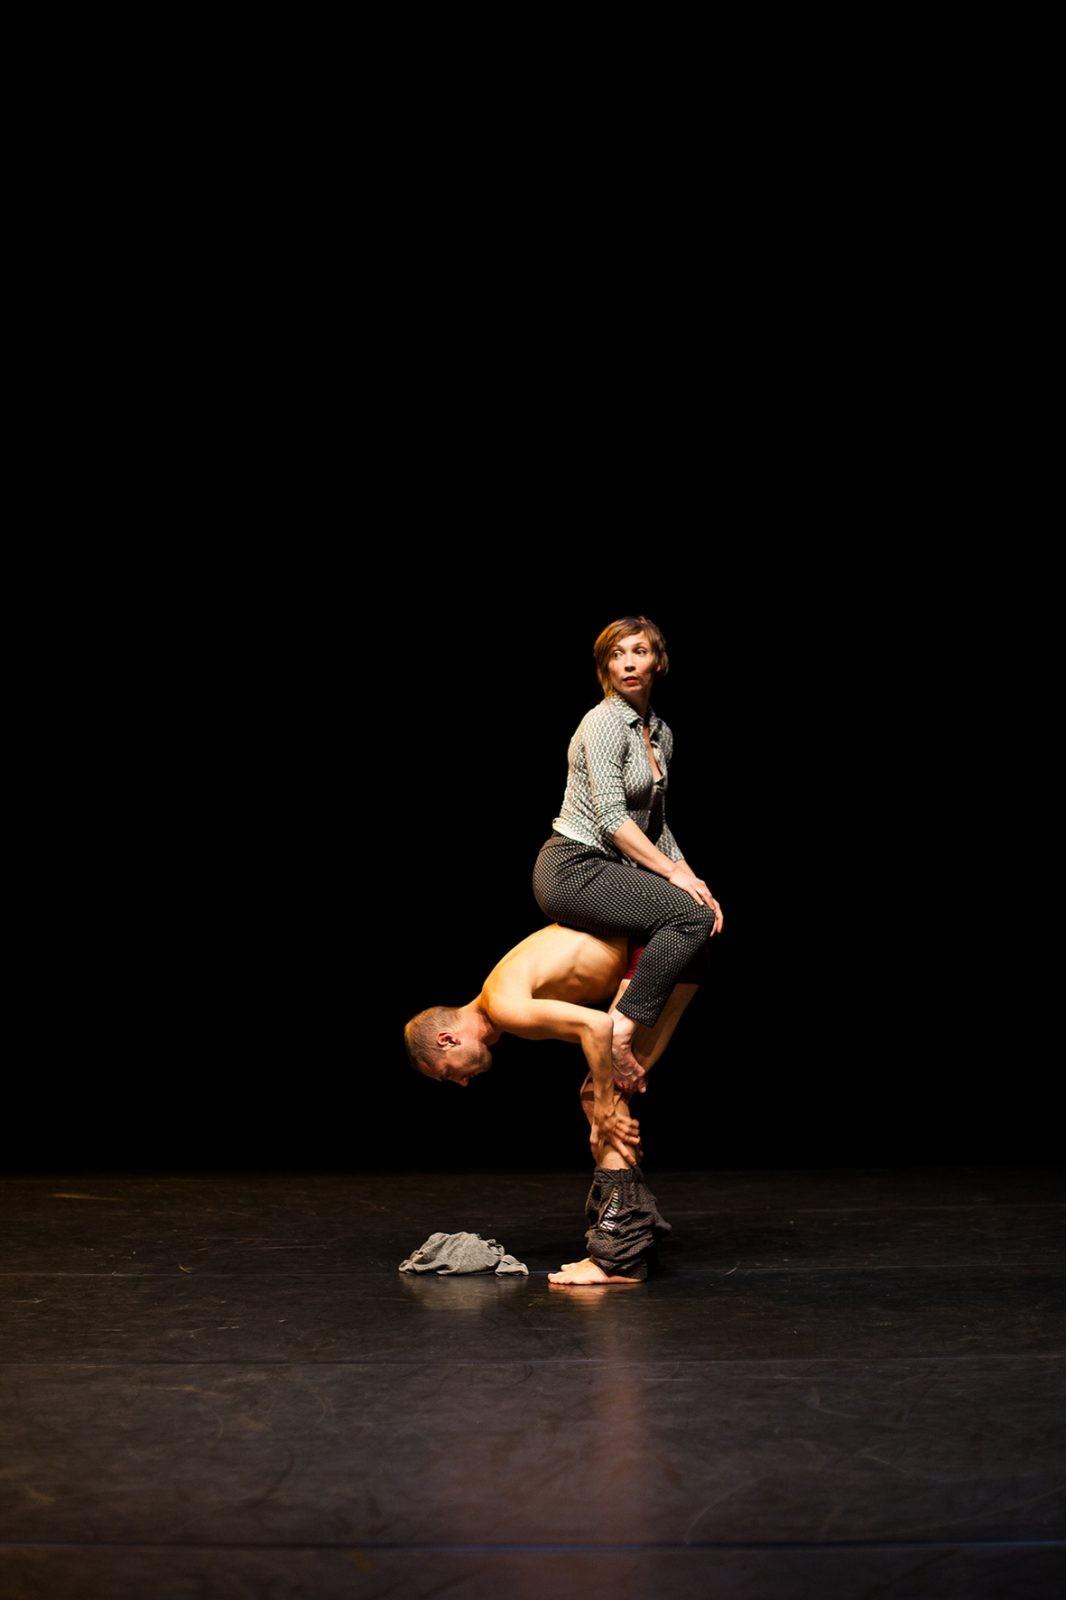 eine Frau sitzt auf dem Rücken eines Tänzers, der steht und sich dabei auszieht.